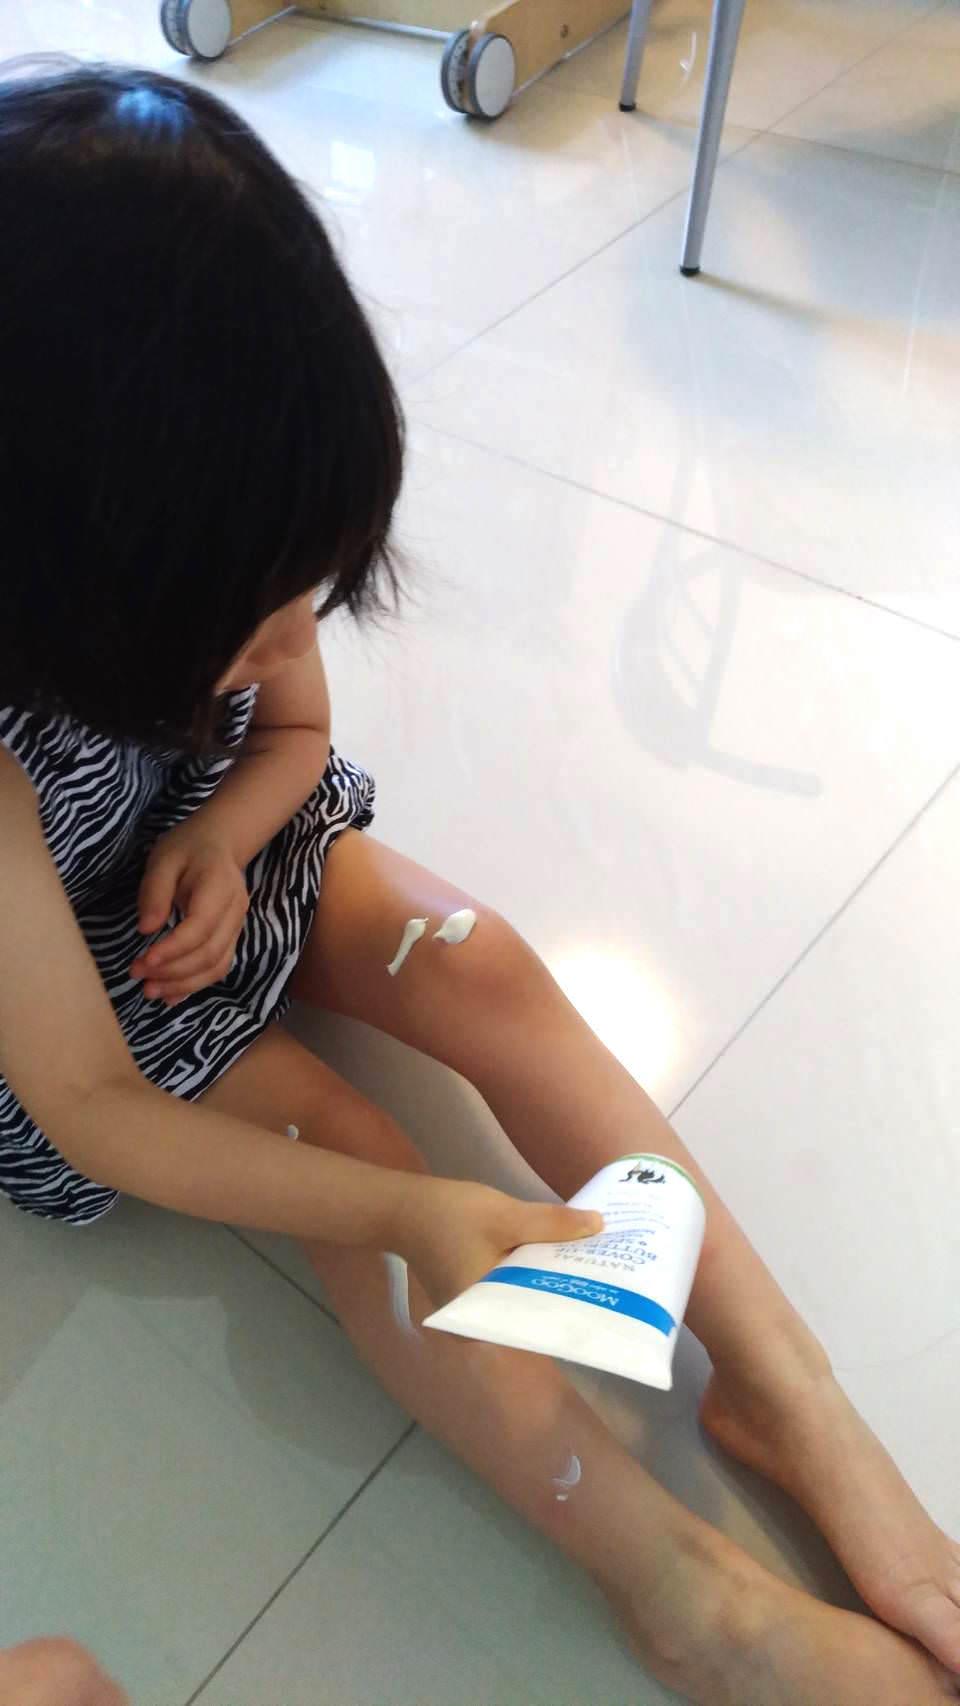 『夏日團』用超過兩年,好用到不想換來自澳洲的moogoo防曬、防蚊&沐浴系列